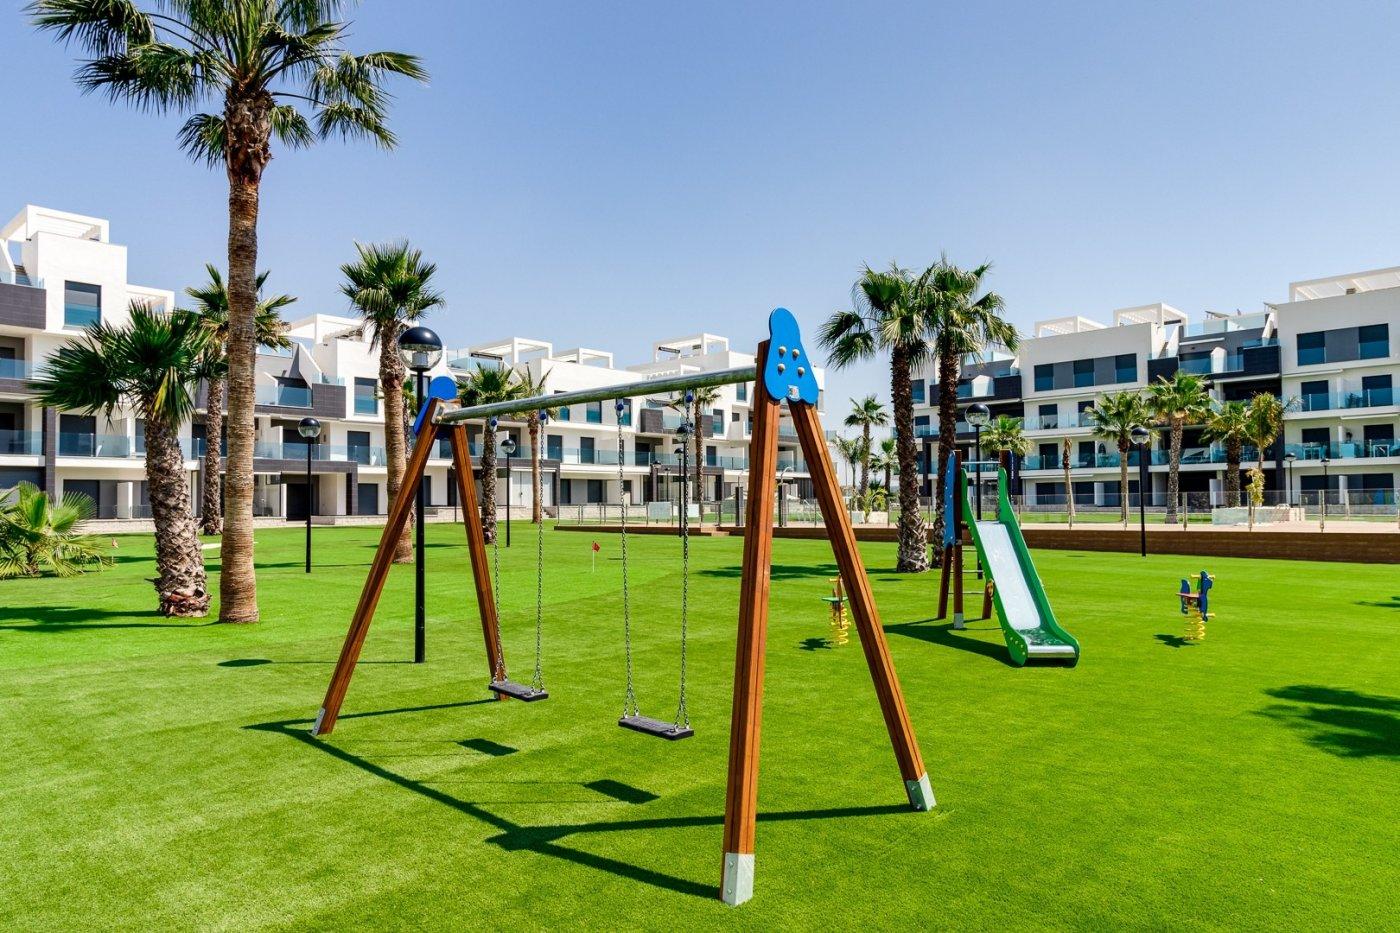 Nuevo complejo residencial en el raso (guardamar)!!! - imagenInmueble8